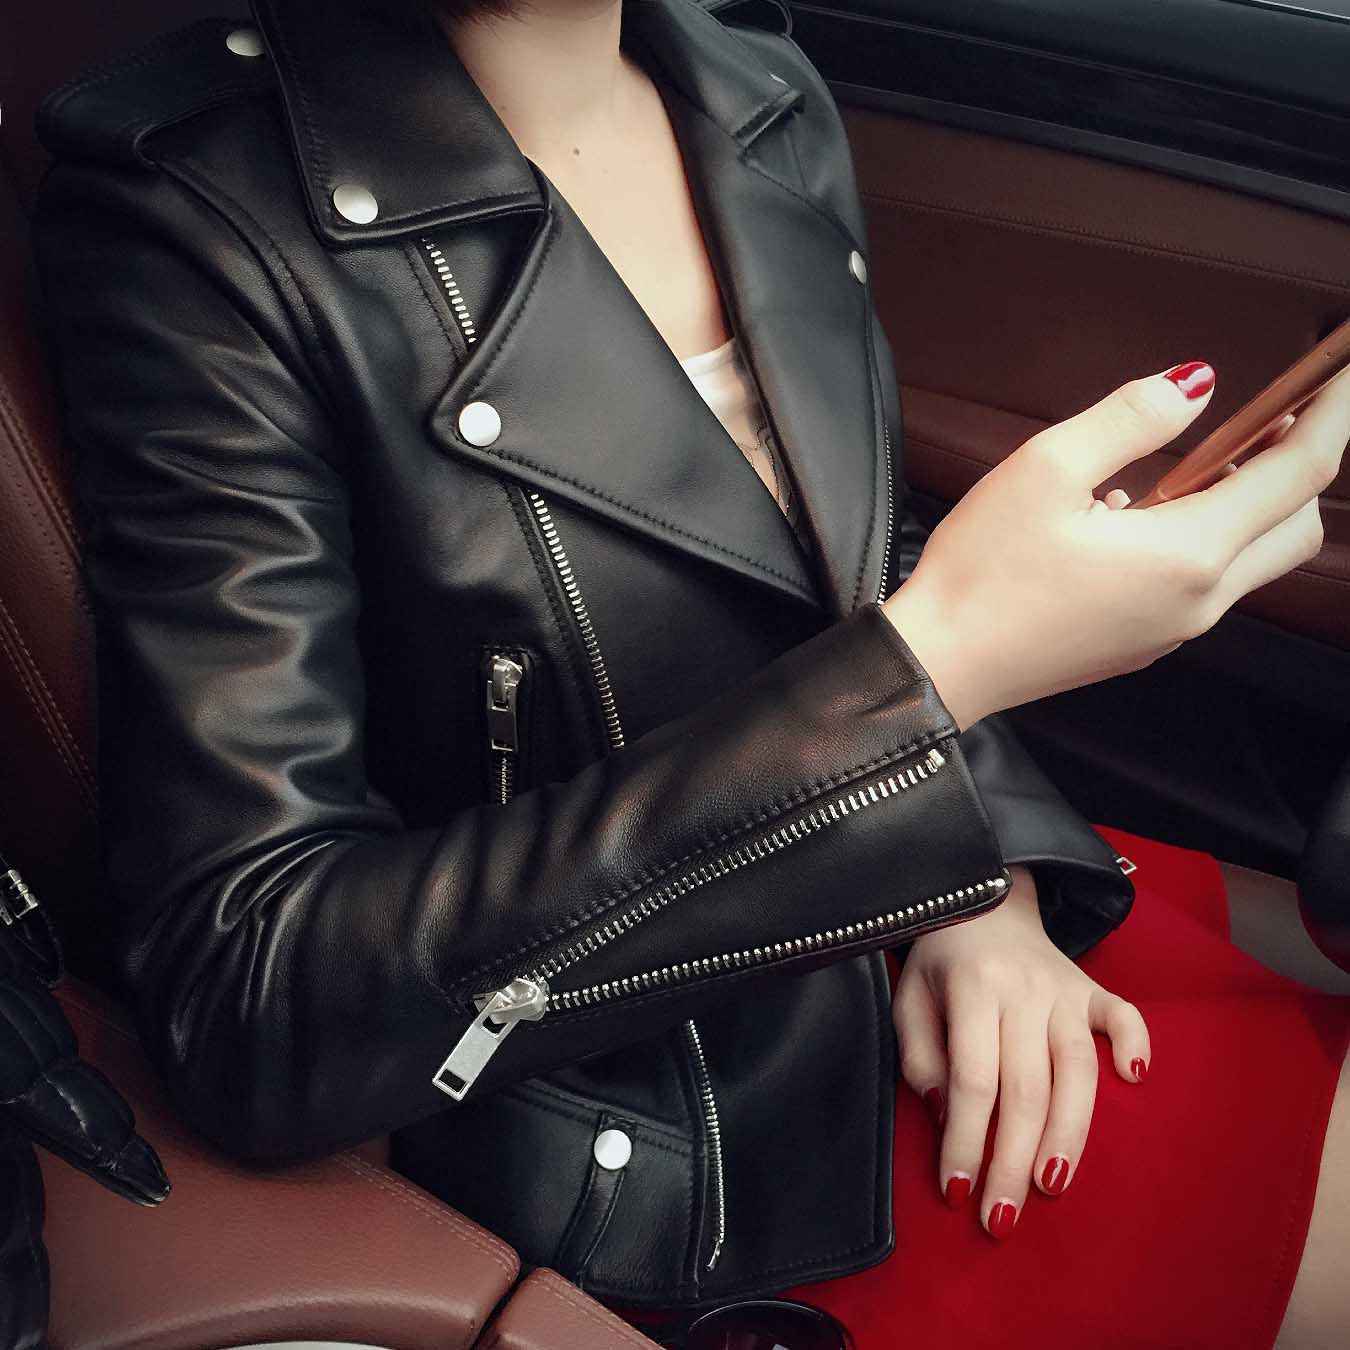 Европейские станции новый весна хайнинг дерма женская одежда локомотив кожаная одежда краткое модель слим небольшой пальто корейский куртка женщина